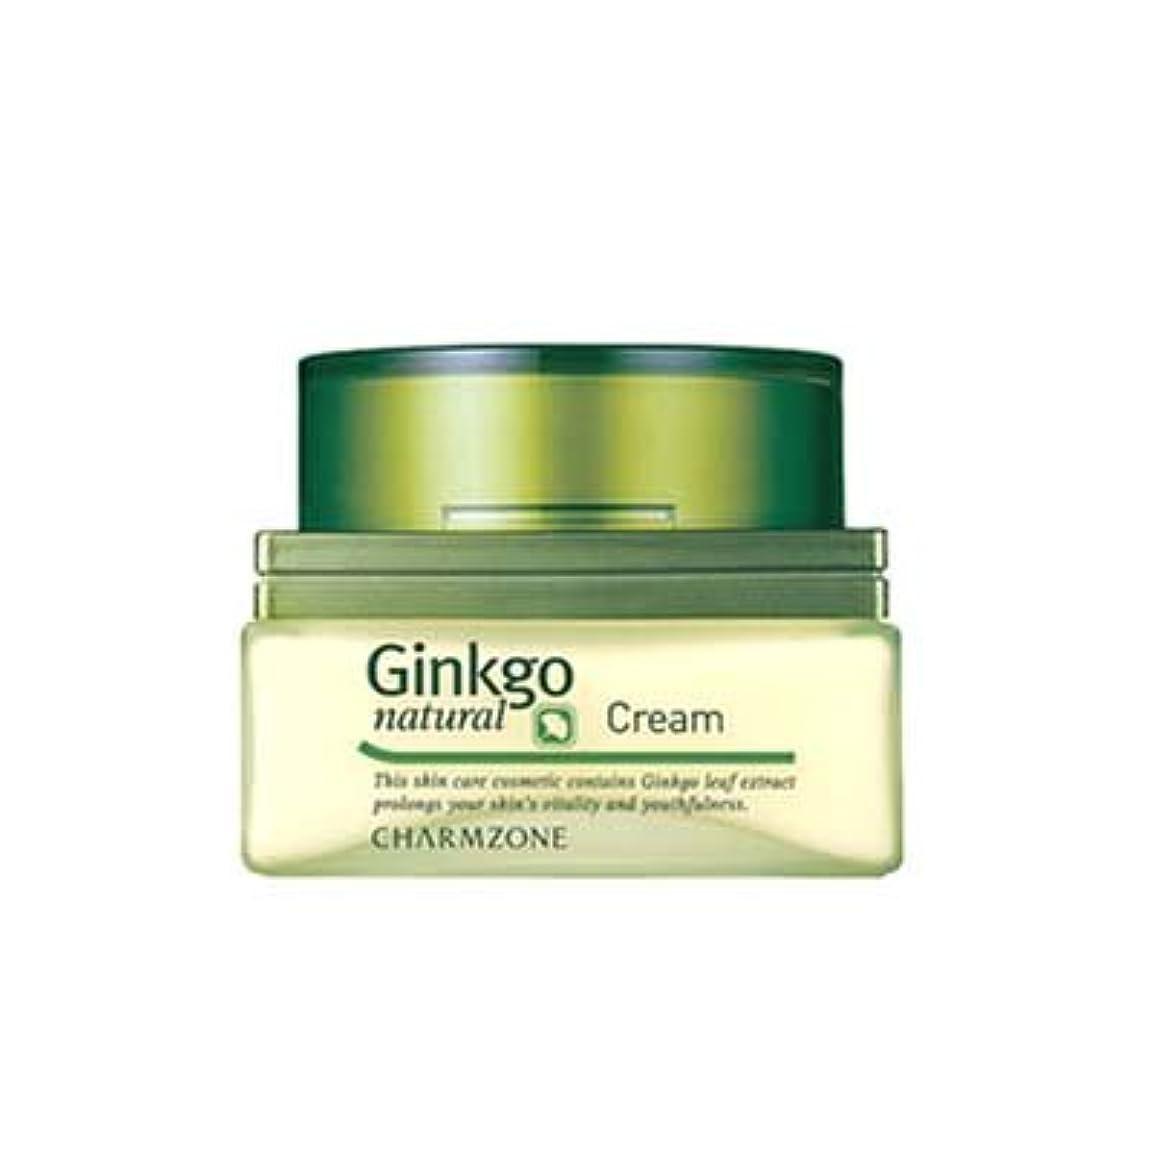 ボックス心配する故意のチャームゾーン Ginkgo natural (ジンコナチュラル) クリーム 60ml